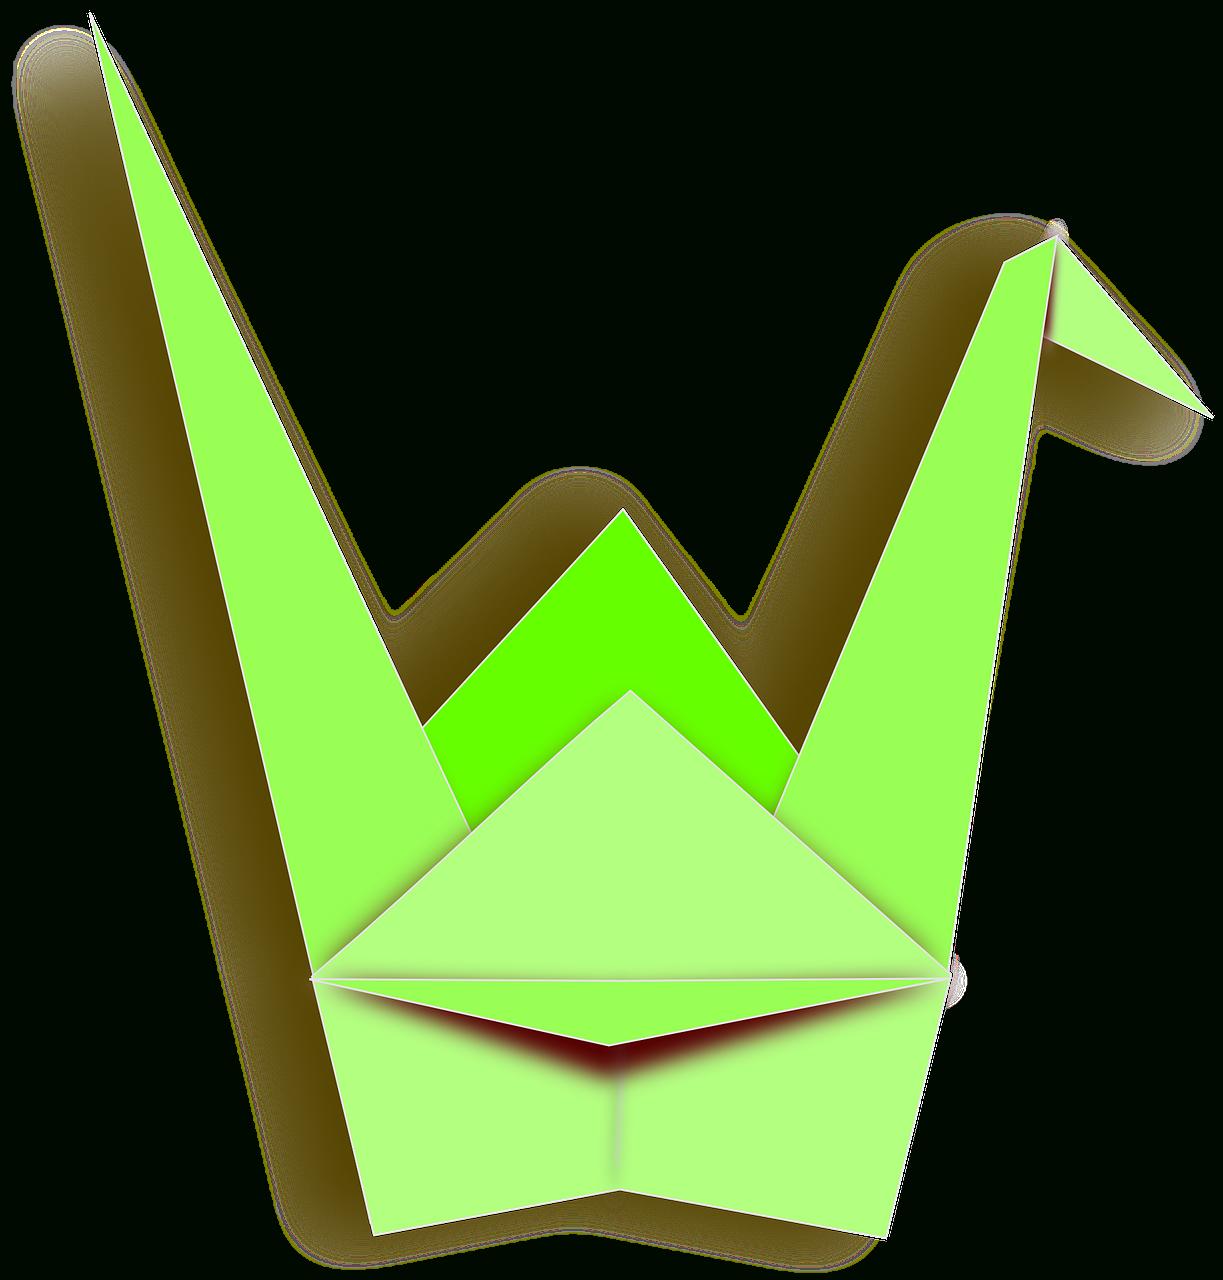 Origami Grue Canard - Images Vectorielles Gratuites Sur Pixabay tout Origami Canard